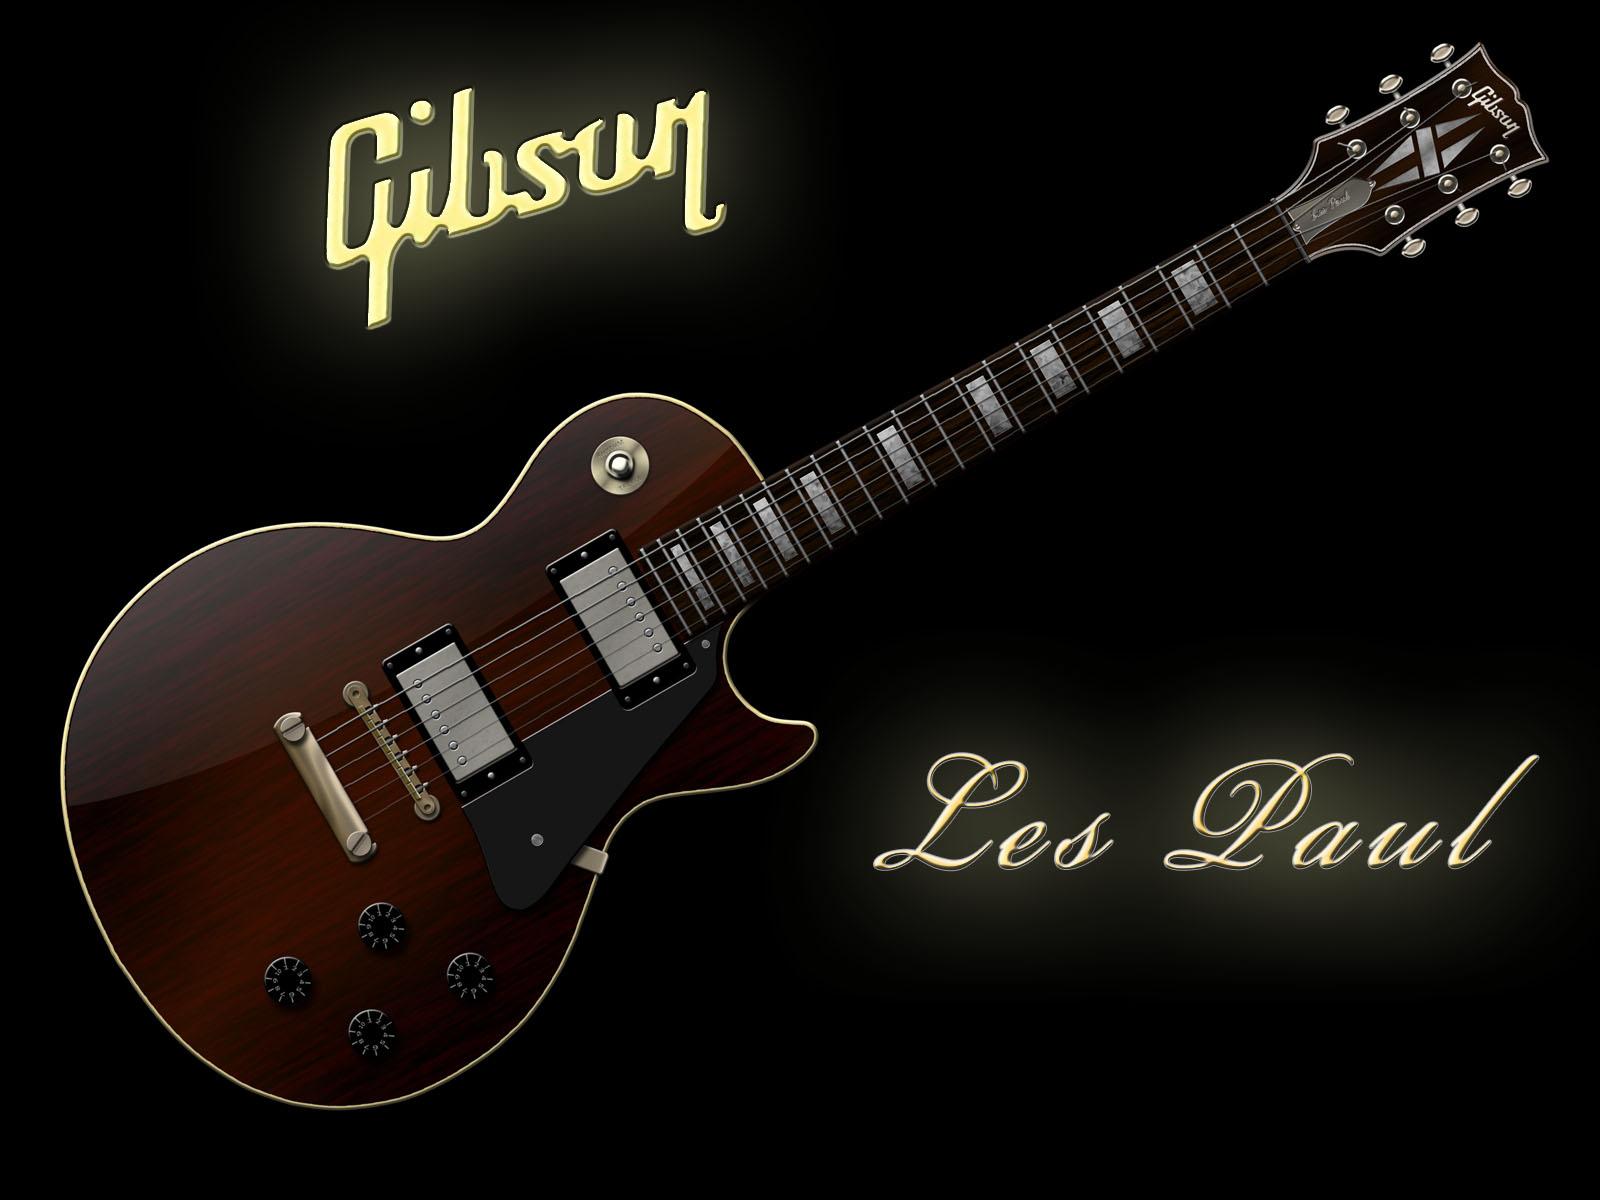 Guitar wallpaper backgrounds wallpapersafari - Free guitar wallpapers for pc ...